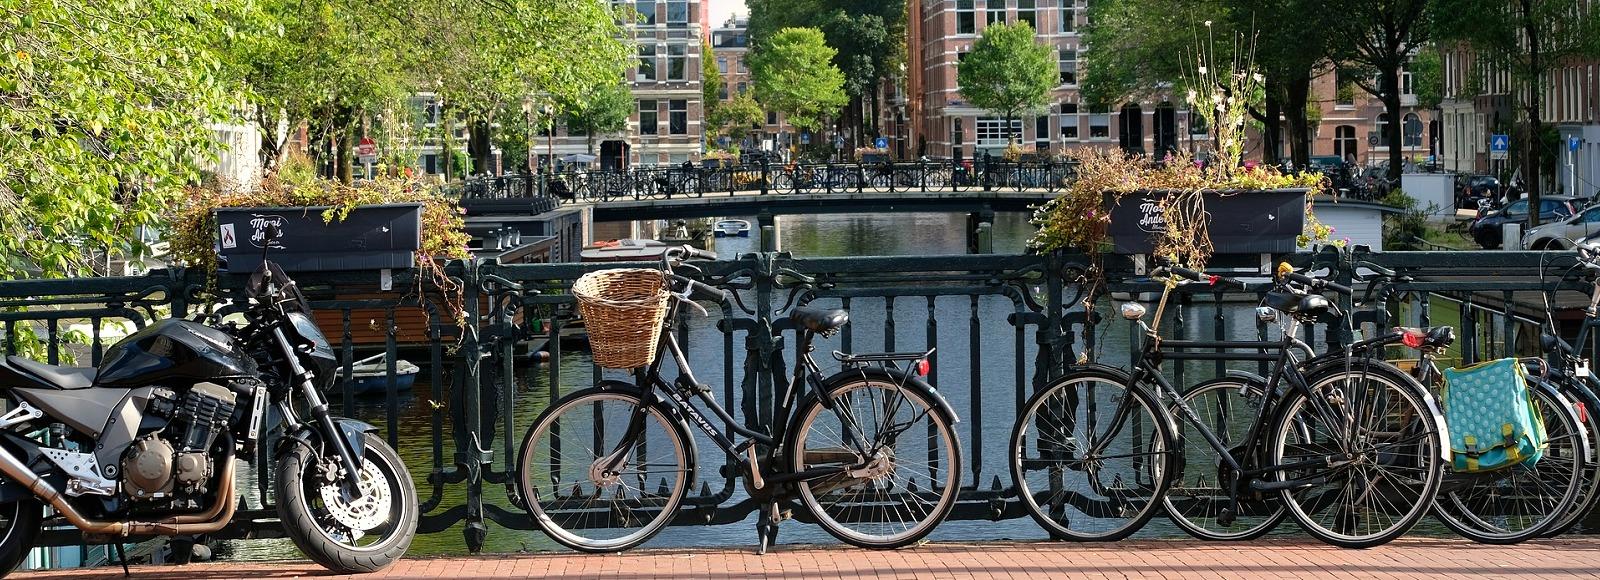 fahrraeder-ausleihen-amsterdam-1600x580